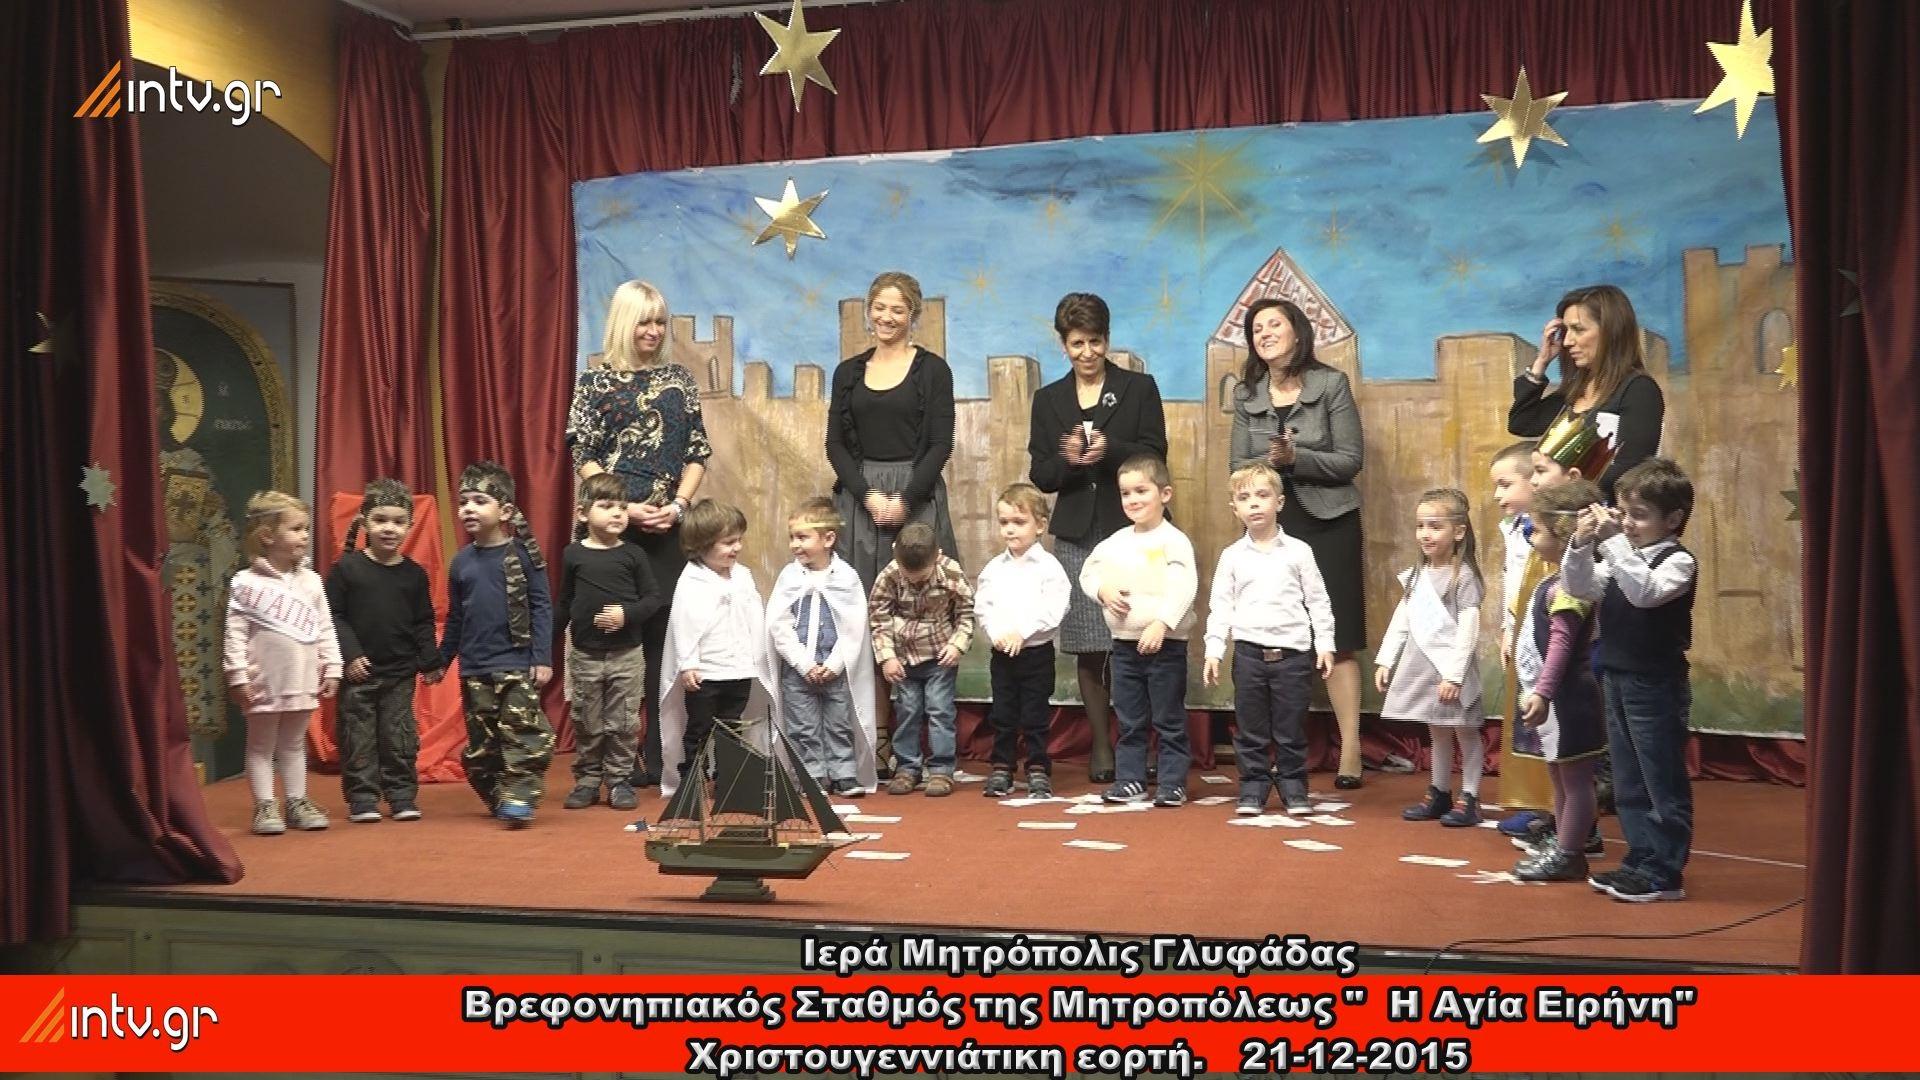 """Ιερά Μητρόπολις Γλυφάδας - Βρεφονηπιακός Σταθμός της Μητροπόλεως """"Η Αγία Ειρήνη"""" - Χριστουγεννιάτικη εορτή."""